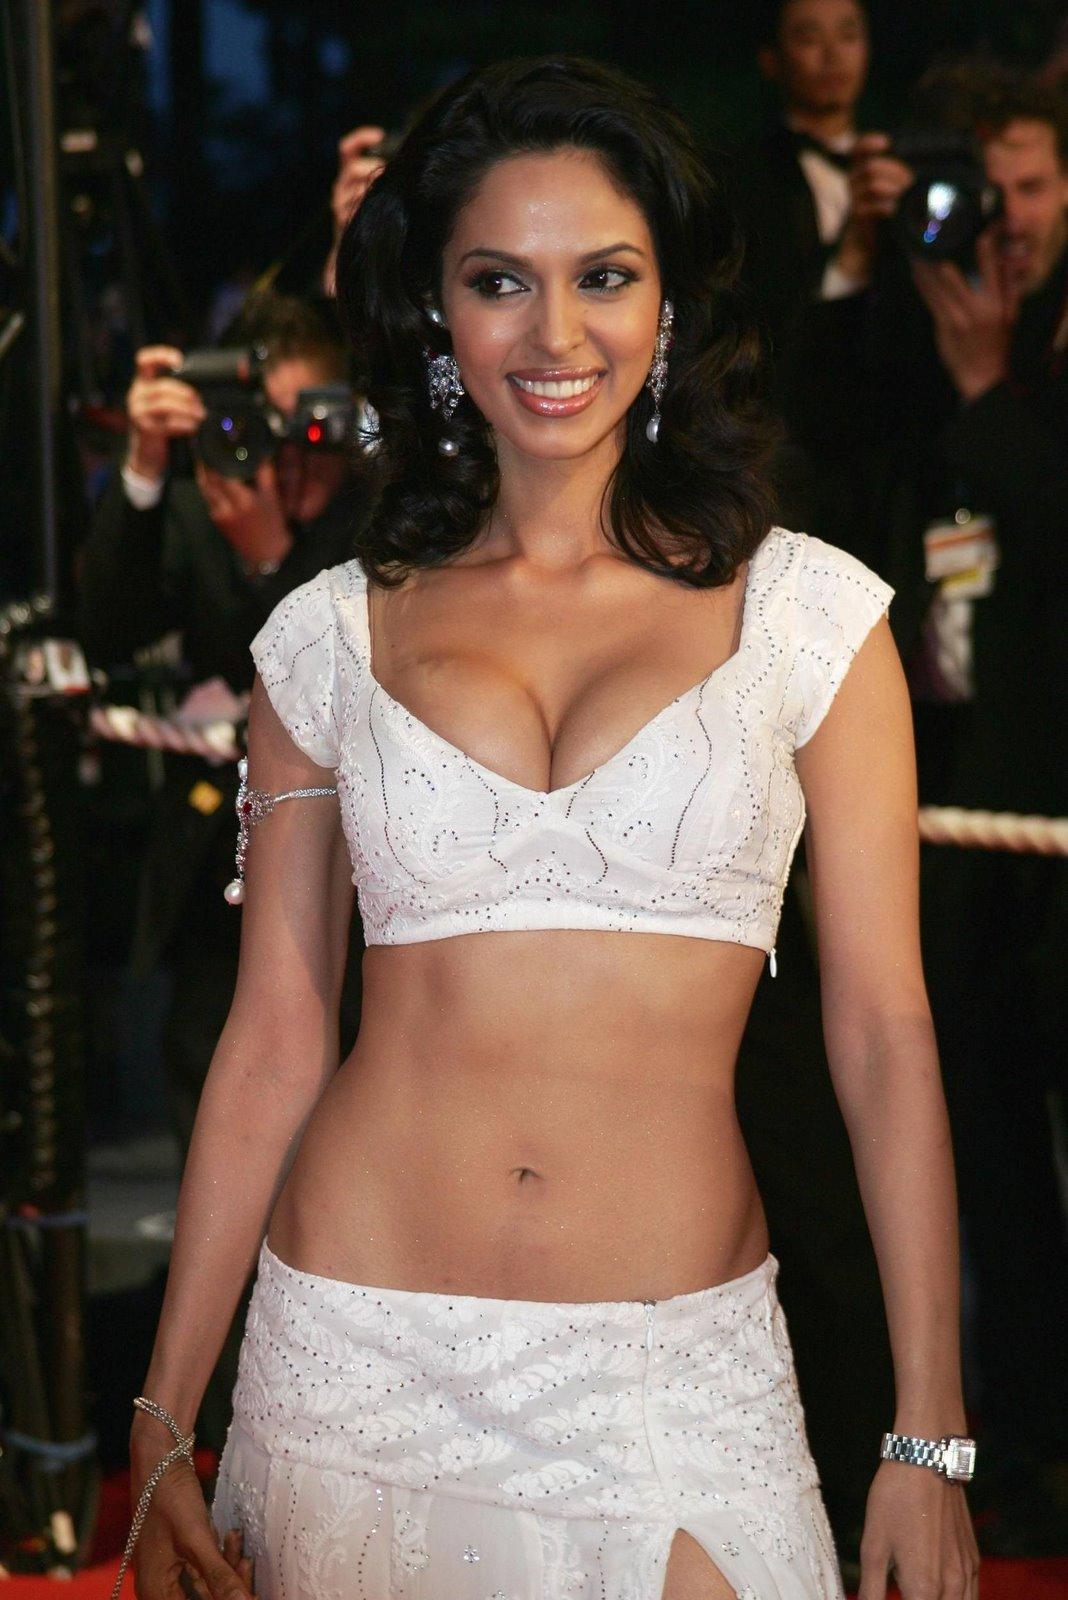 mallika sherawat hot and sexy photo